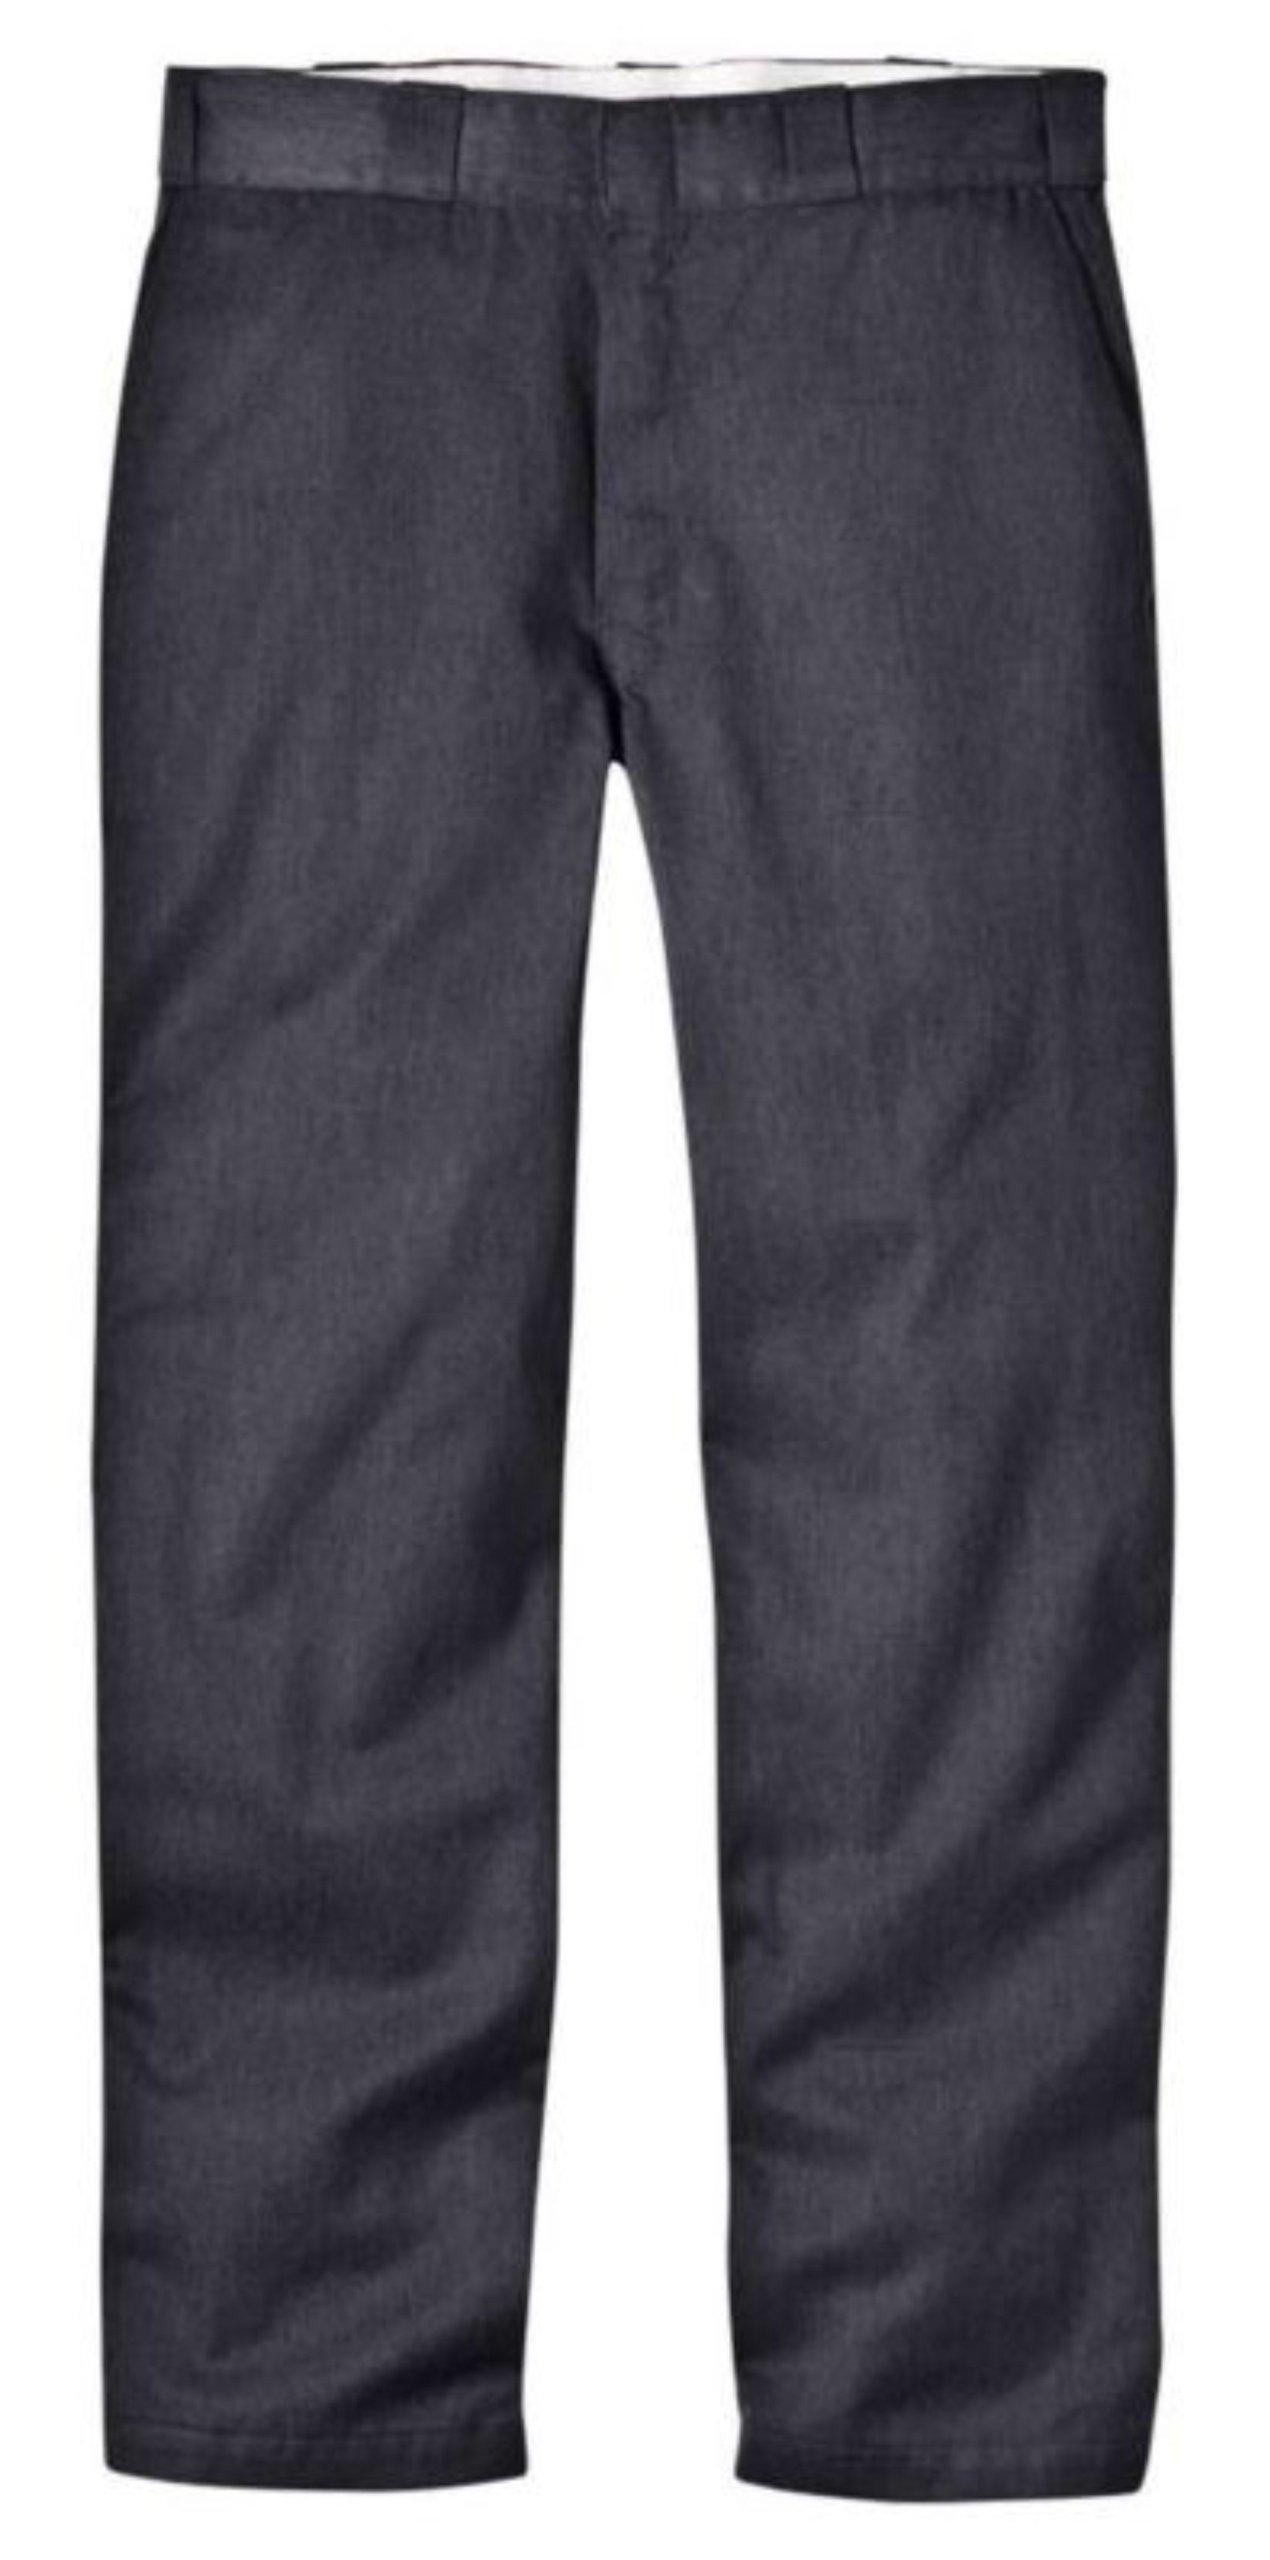 Dickies Men's Original 874 Work Pant, Charcoal, 31W x 32L